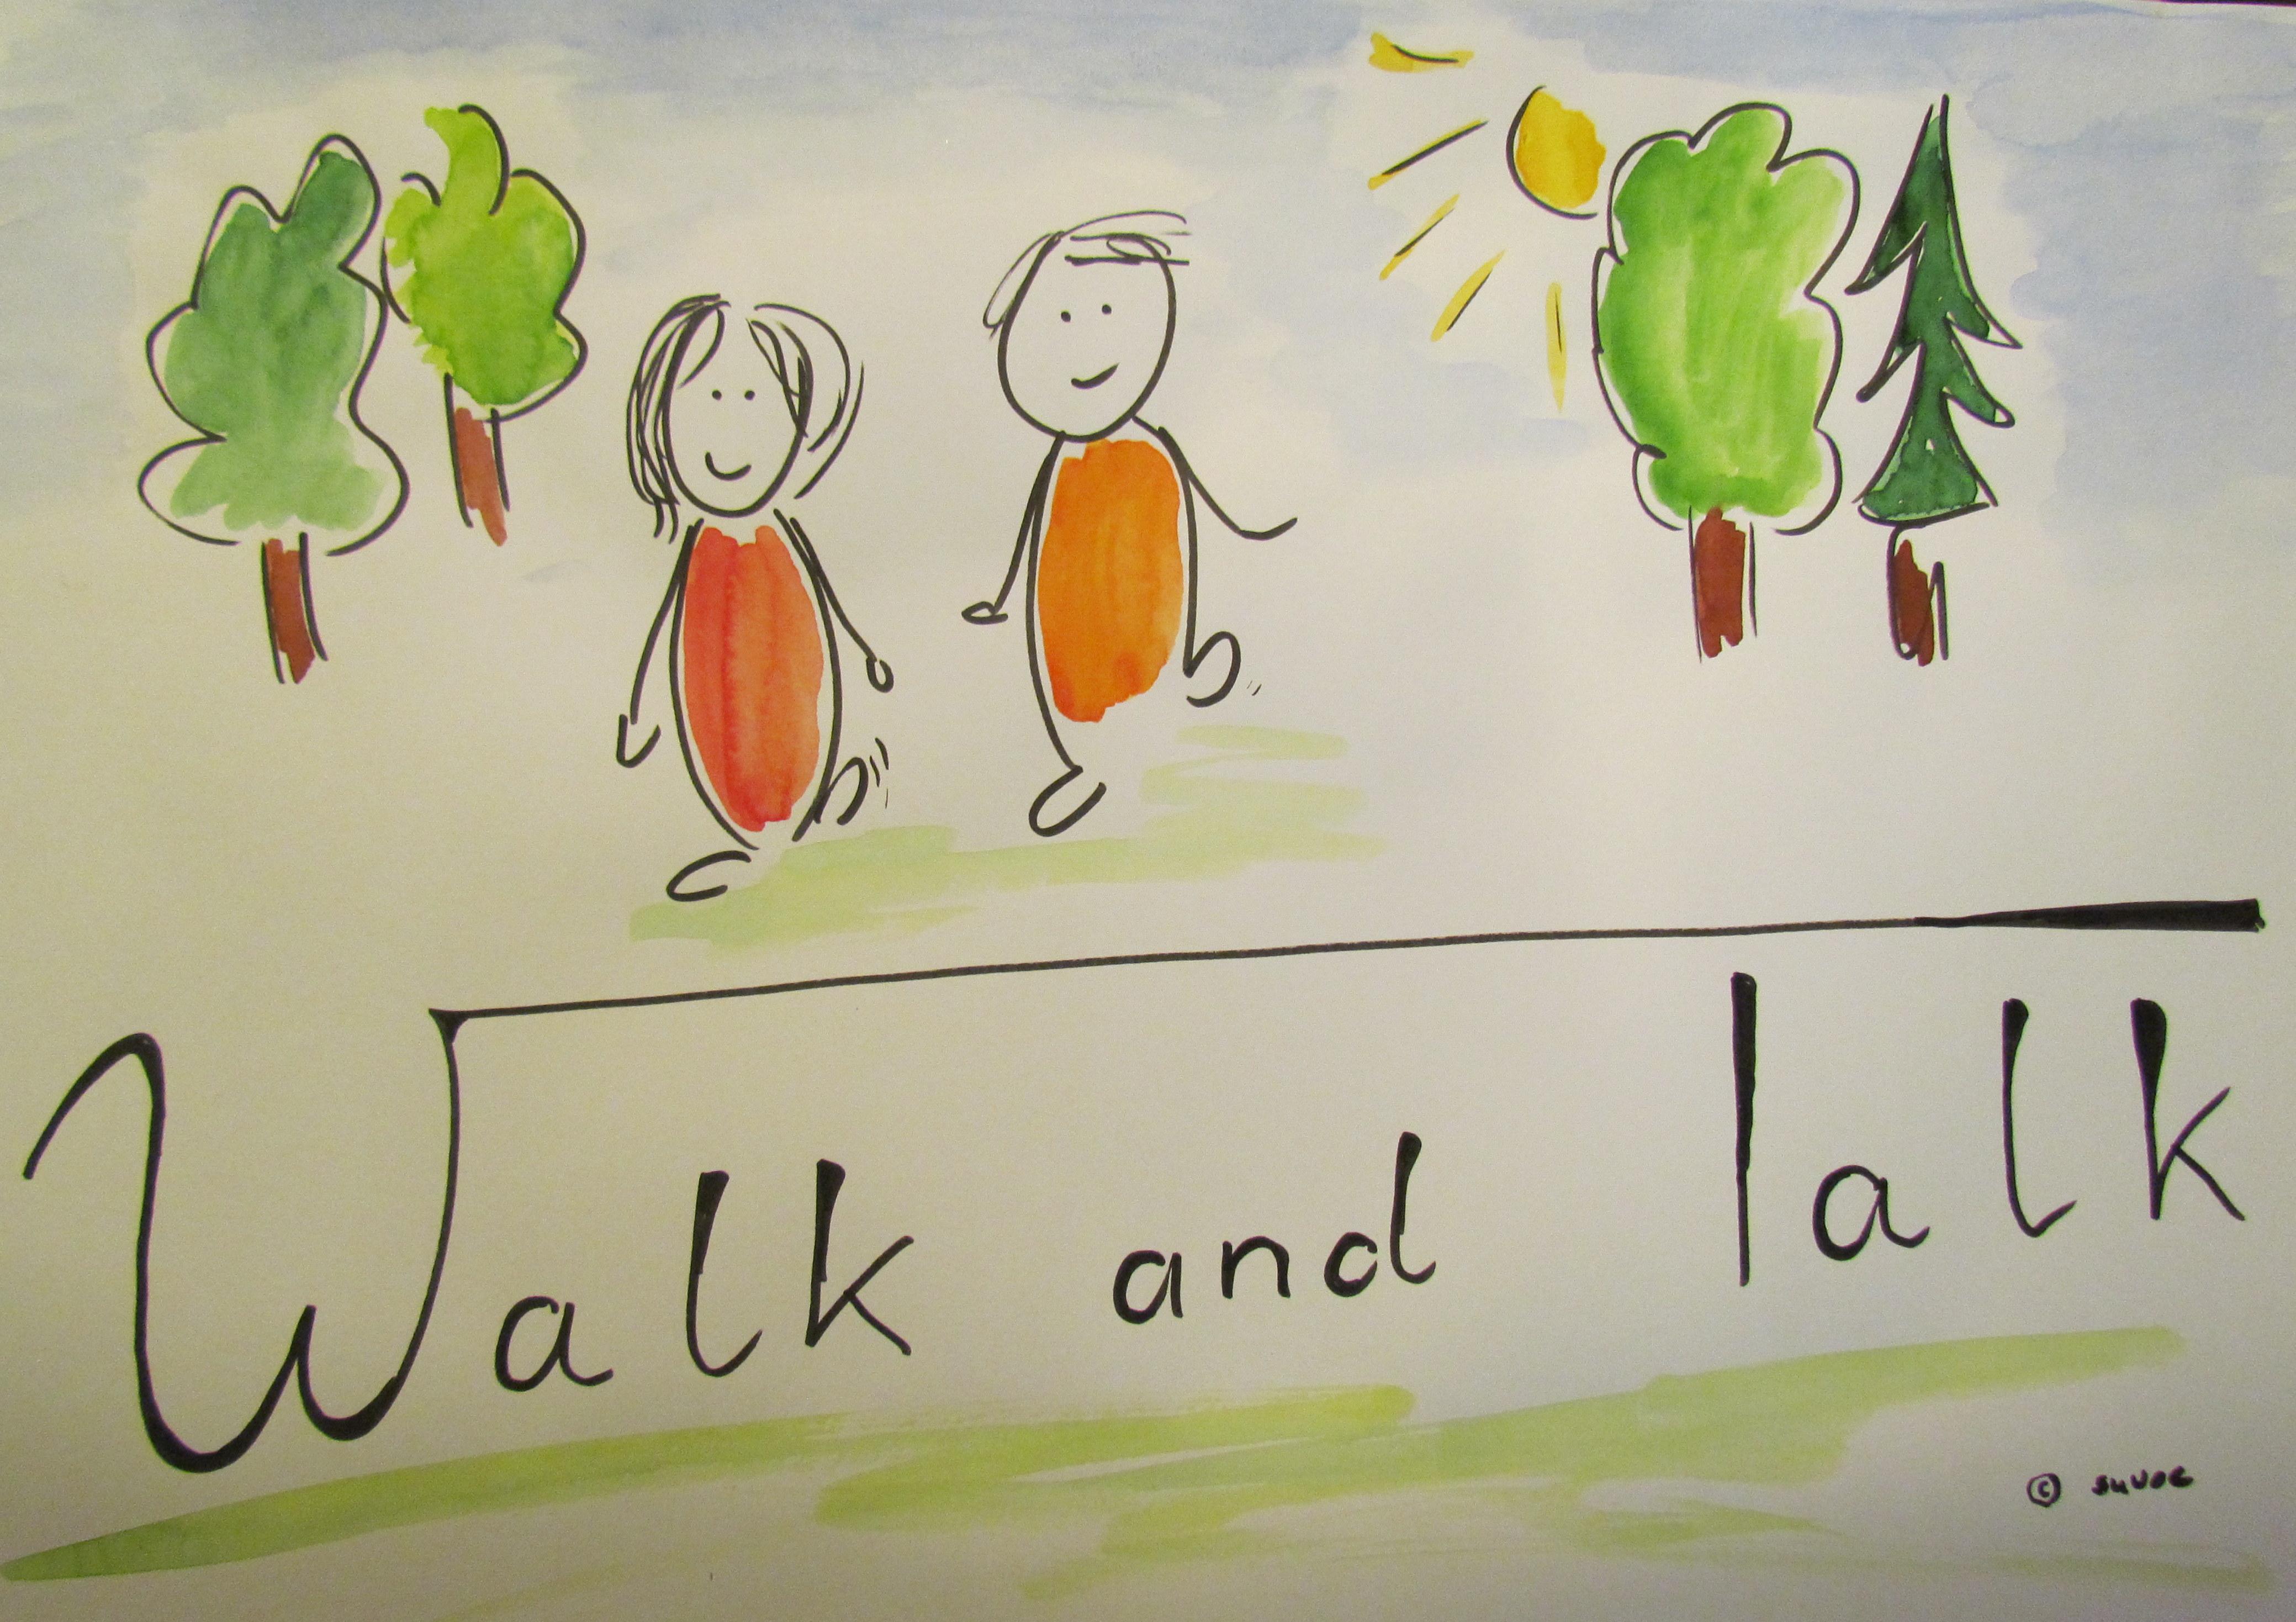 walk and talk